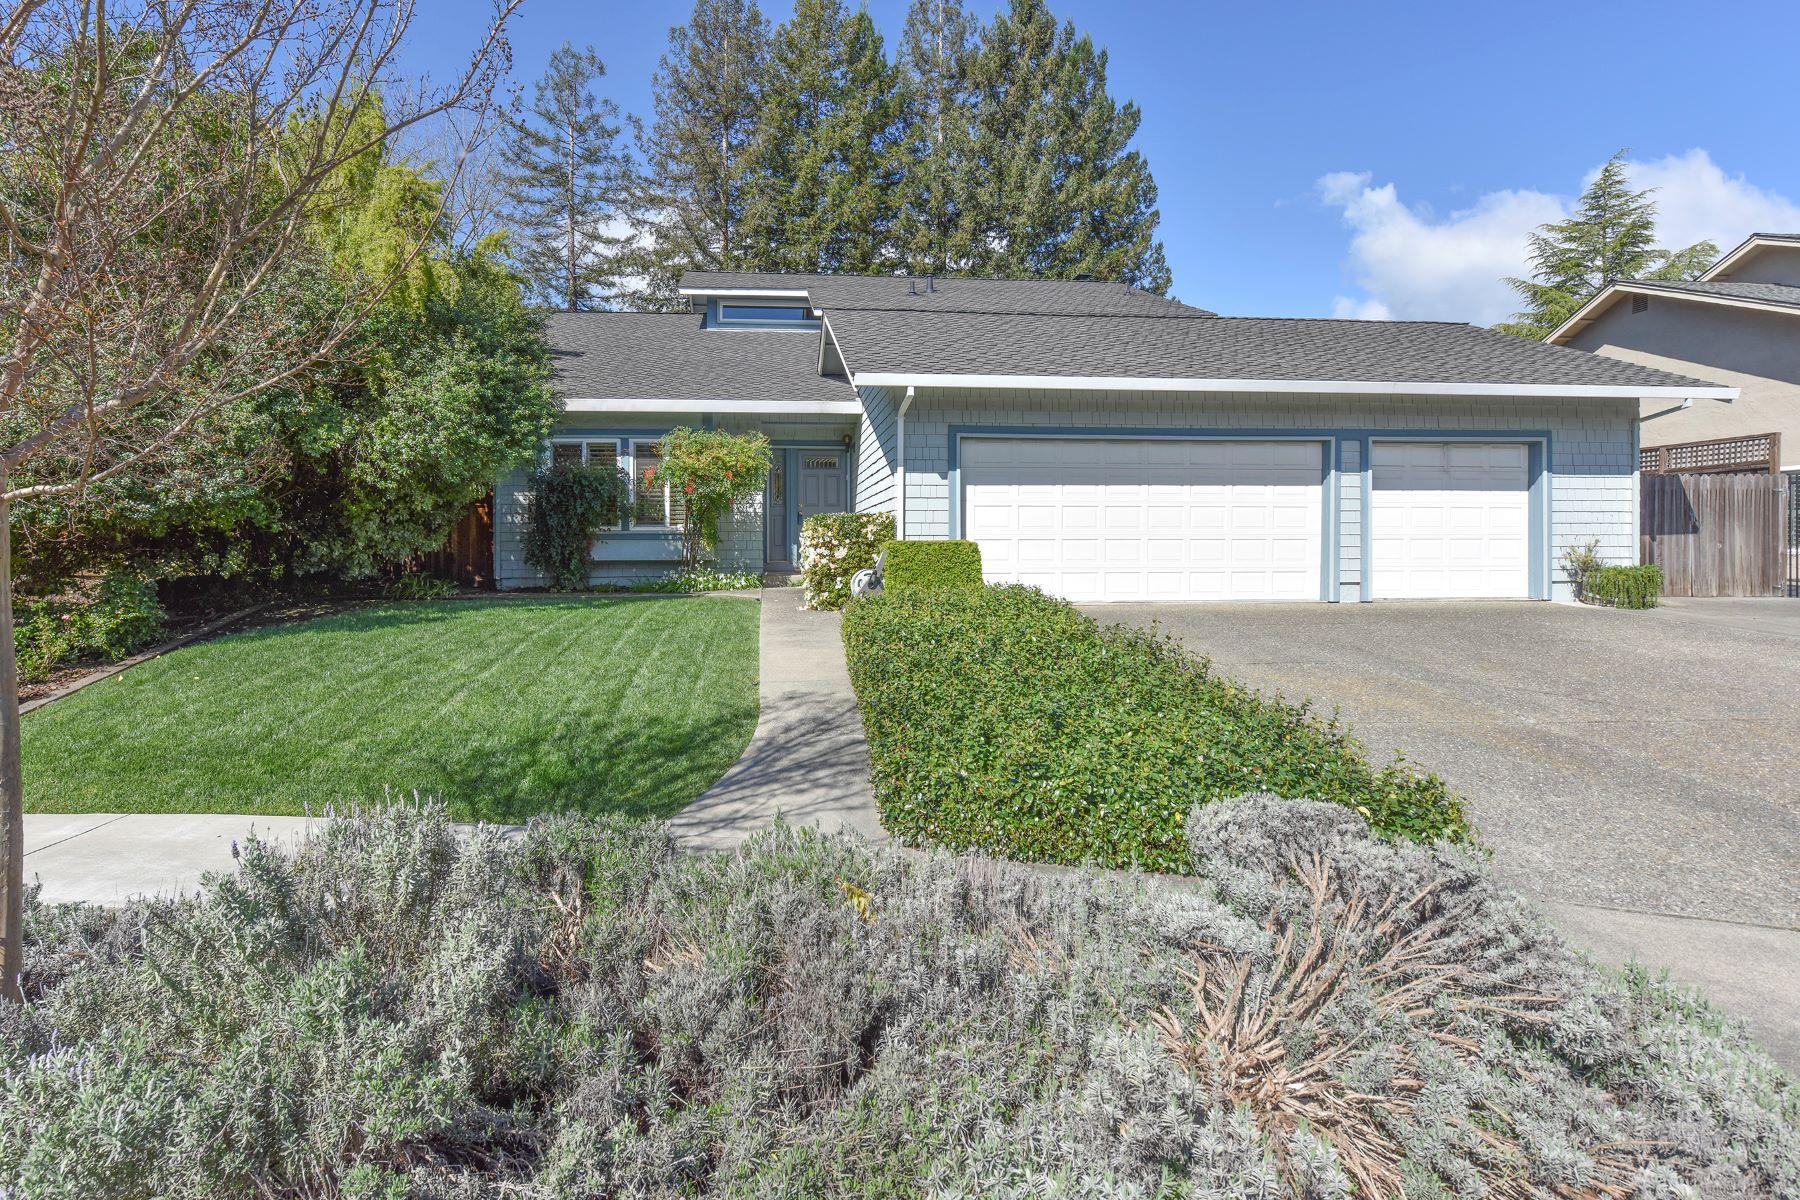 一戸建て のために 売買 アット Elegant and Spacious Home in Browns Valley 1041 Banbury Court Napa, カリフォルニア, 94558 アメリカ合衆国